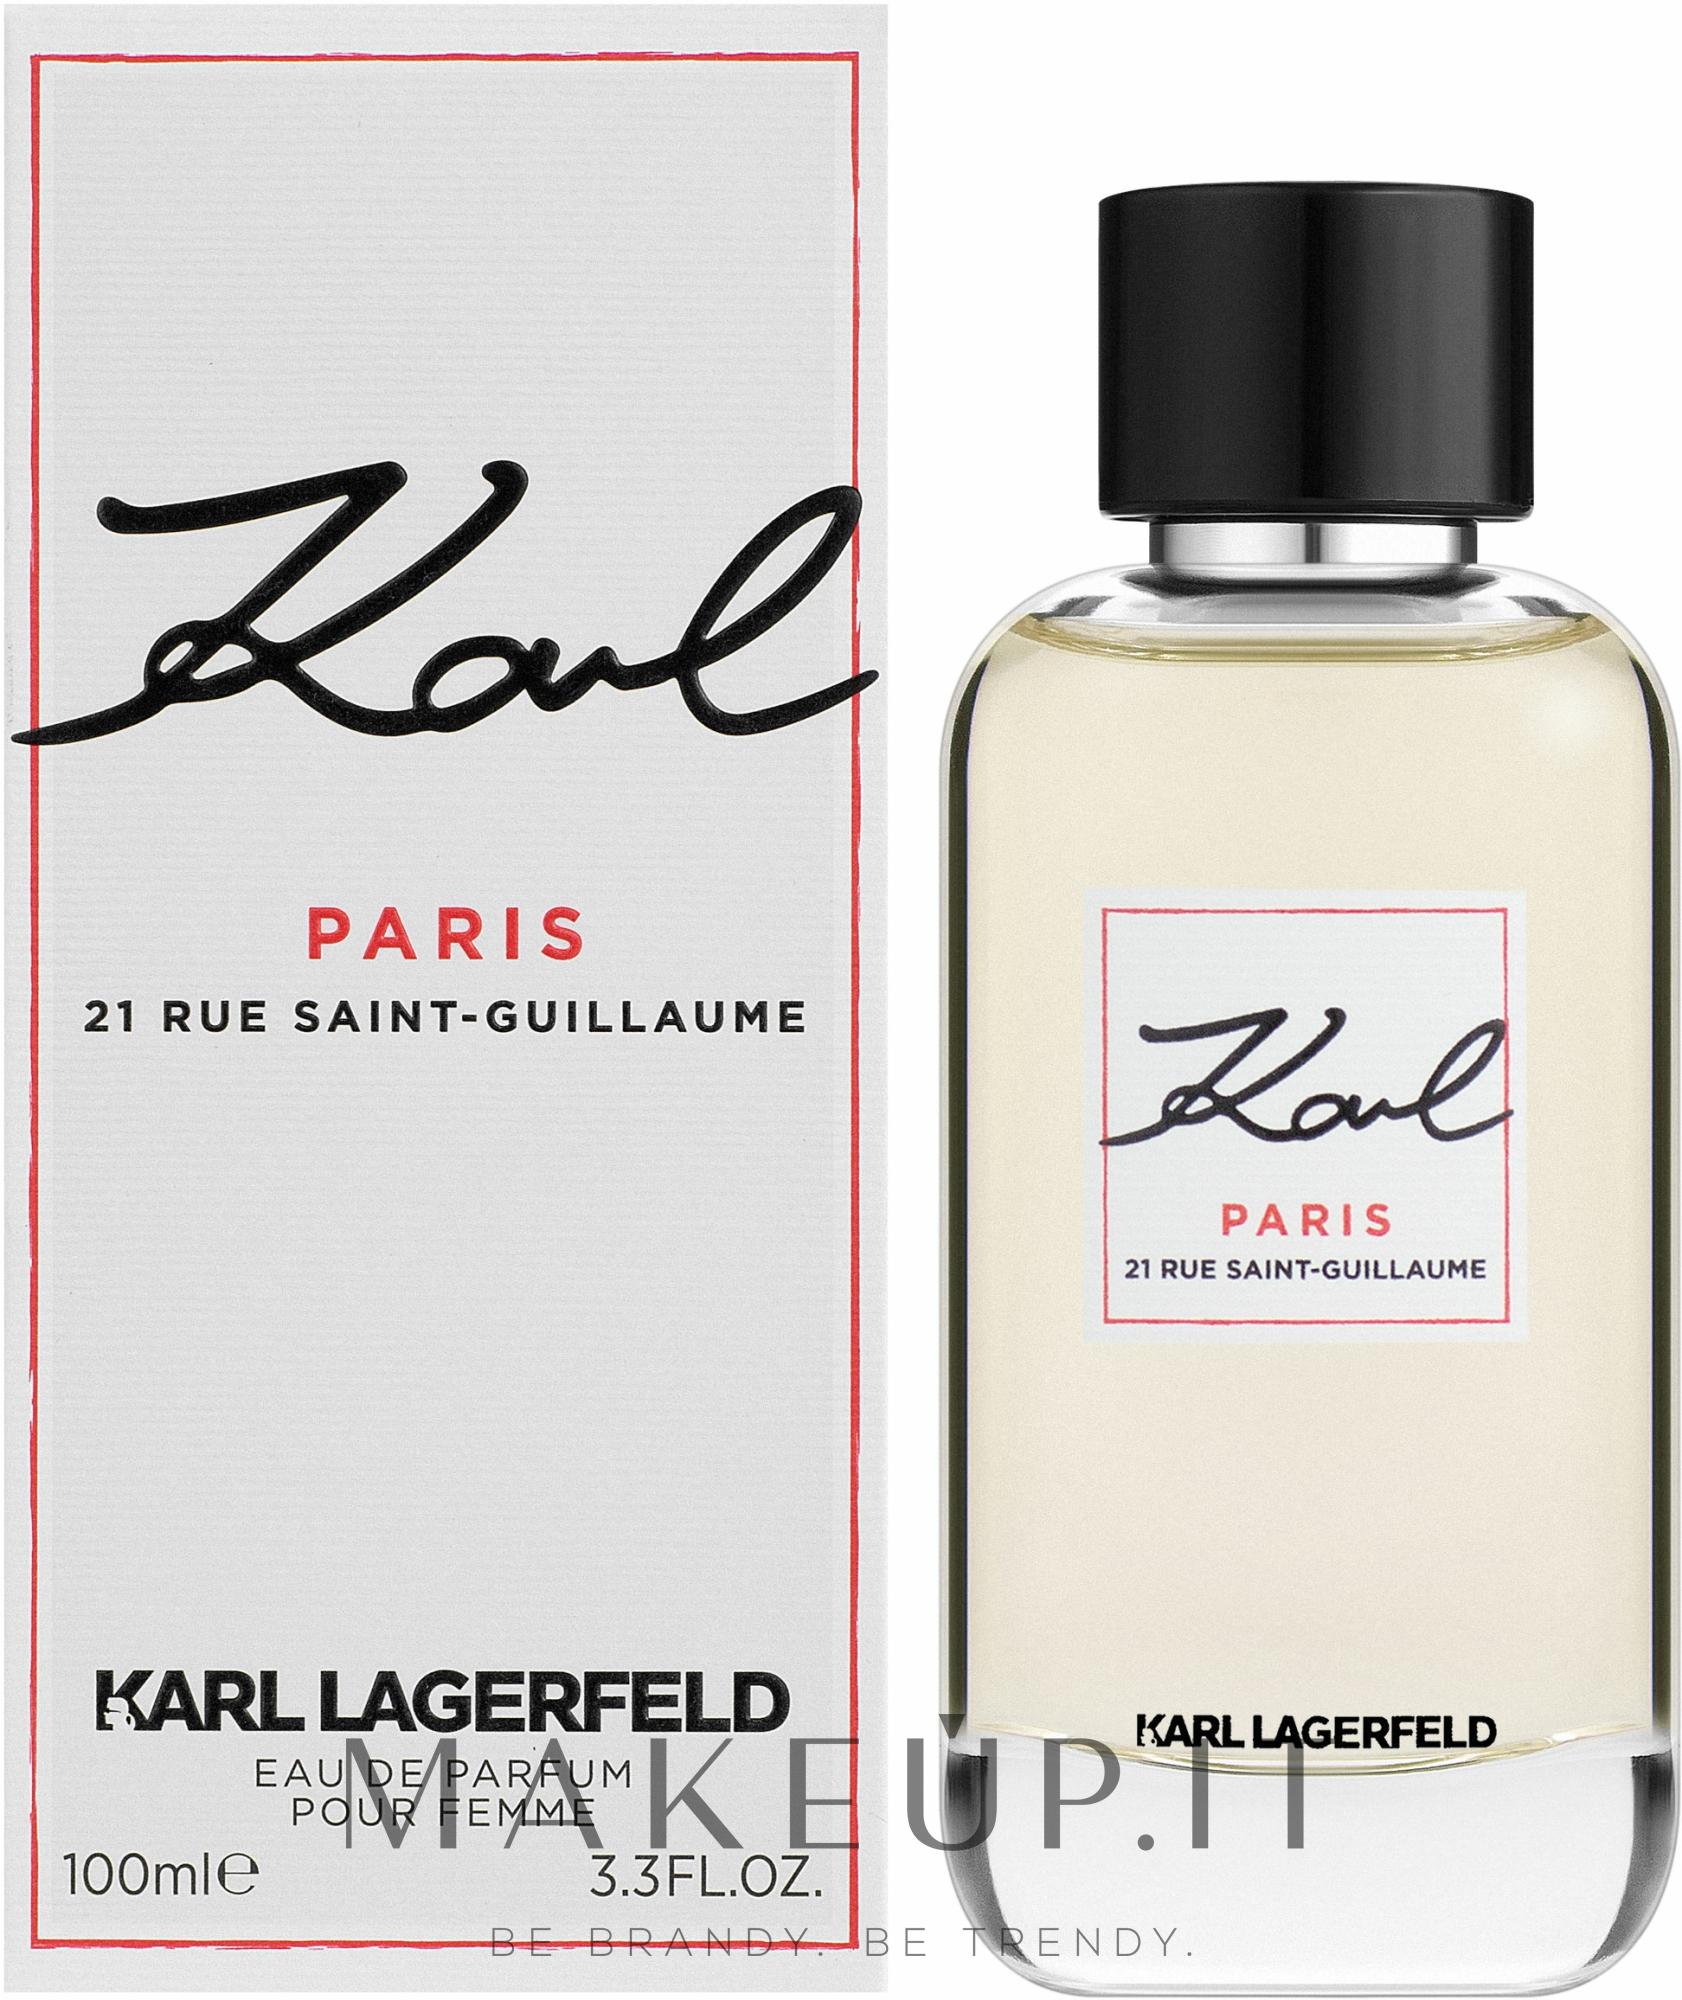 Karl Lagerfeld Paris - Eau de parfum — foto 100 ml